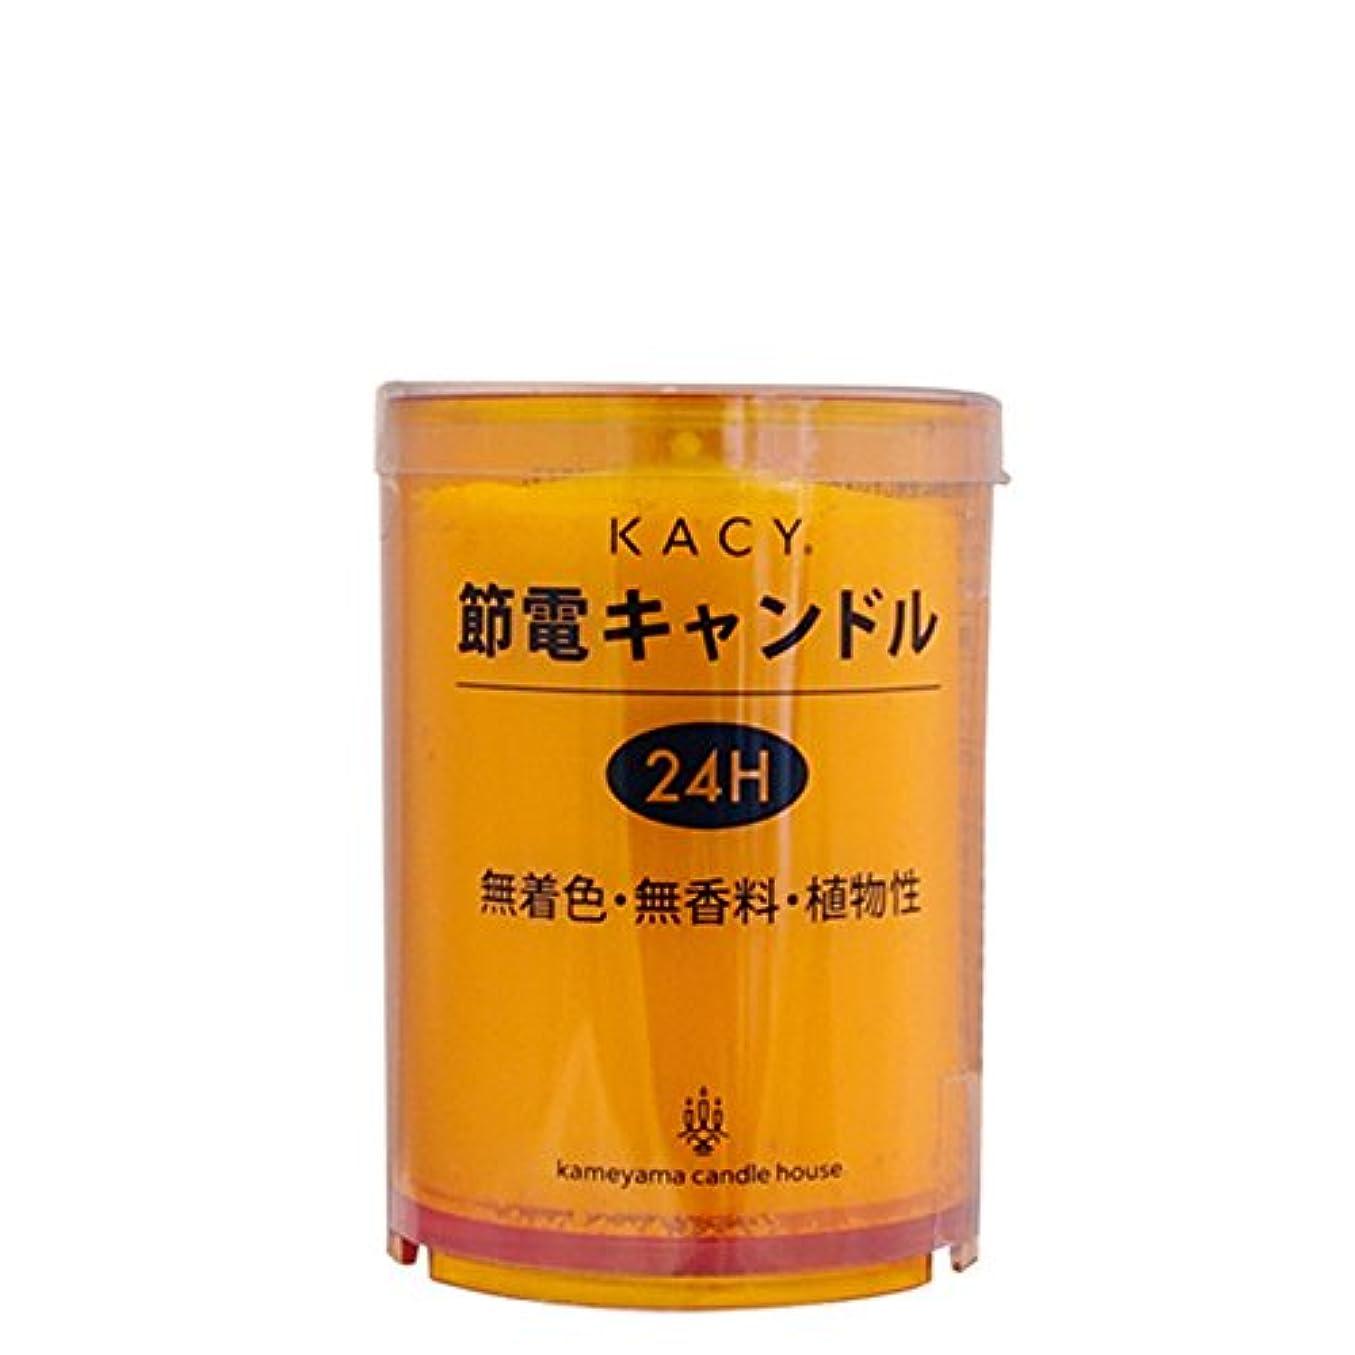 広告するしてはいけませんしてはいけませんカメヤマキャンドルハウス 節電キャンドル 24時間タイプ  オレンジ